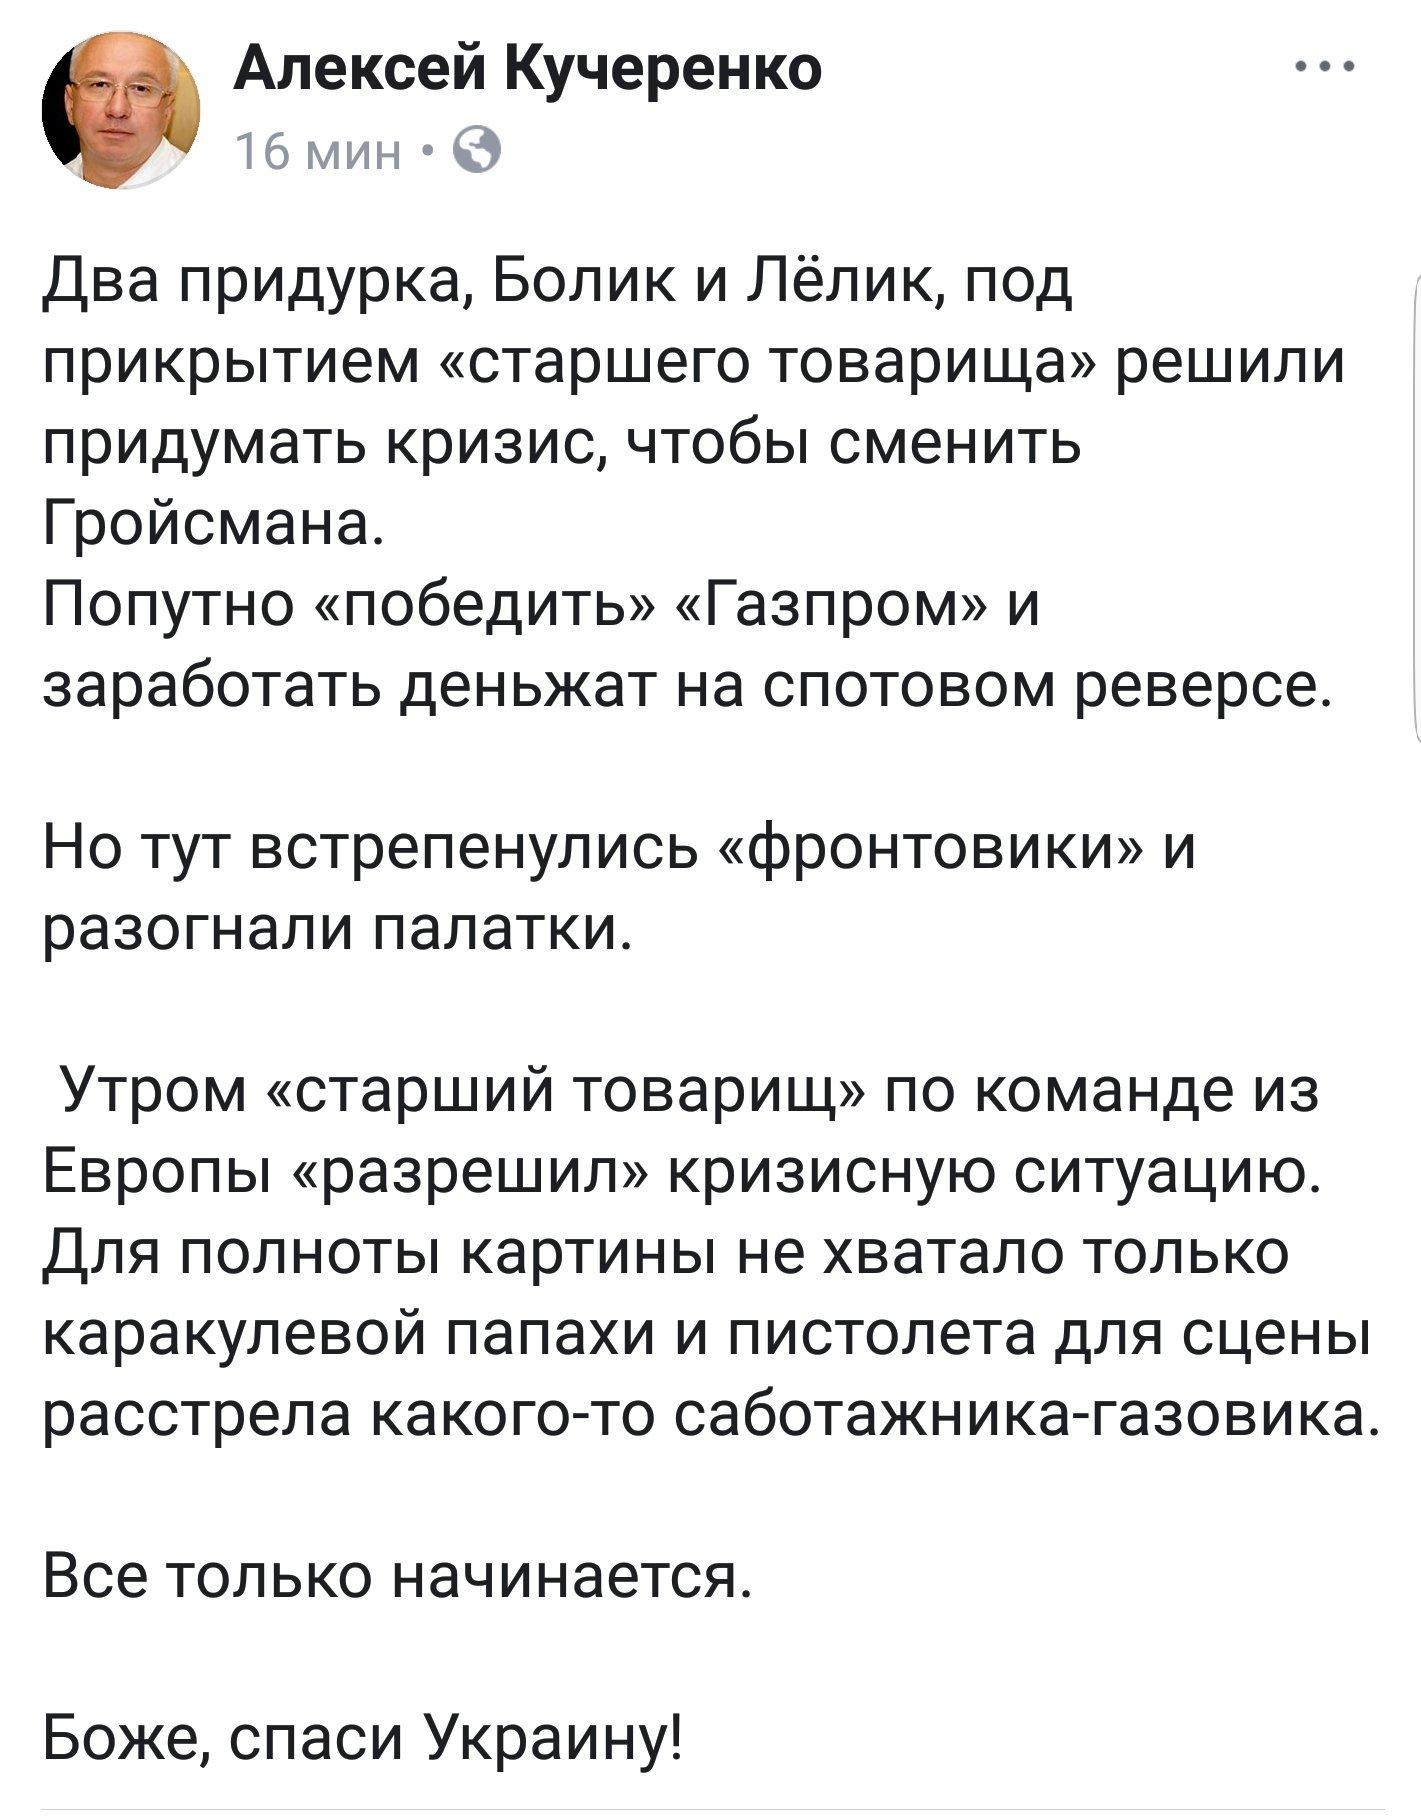 Польша заявила об отсутствии сбоев поставок газа через Украину - Цензор.НЕТ 7434